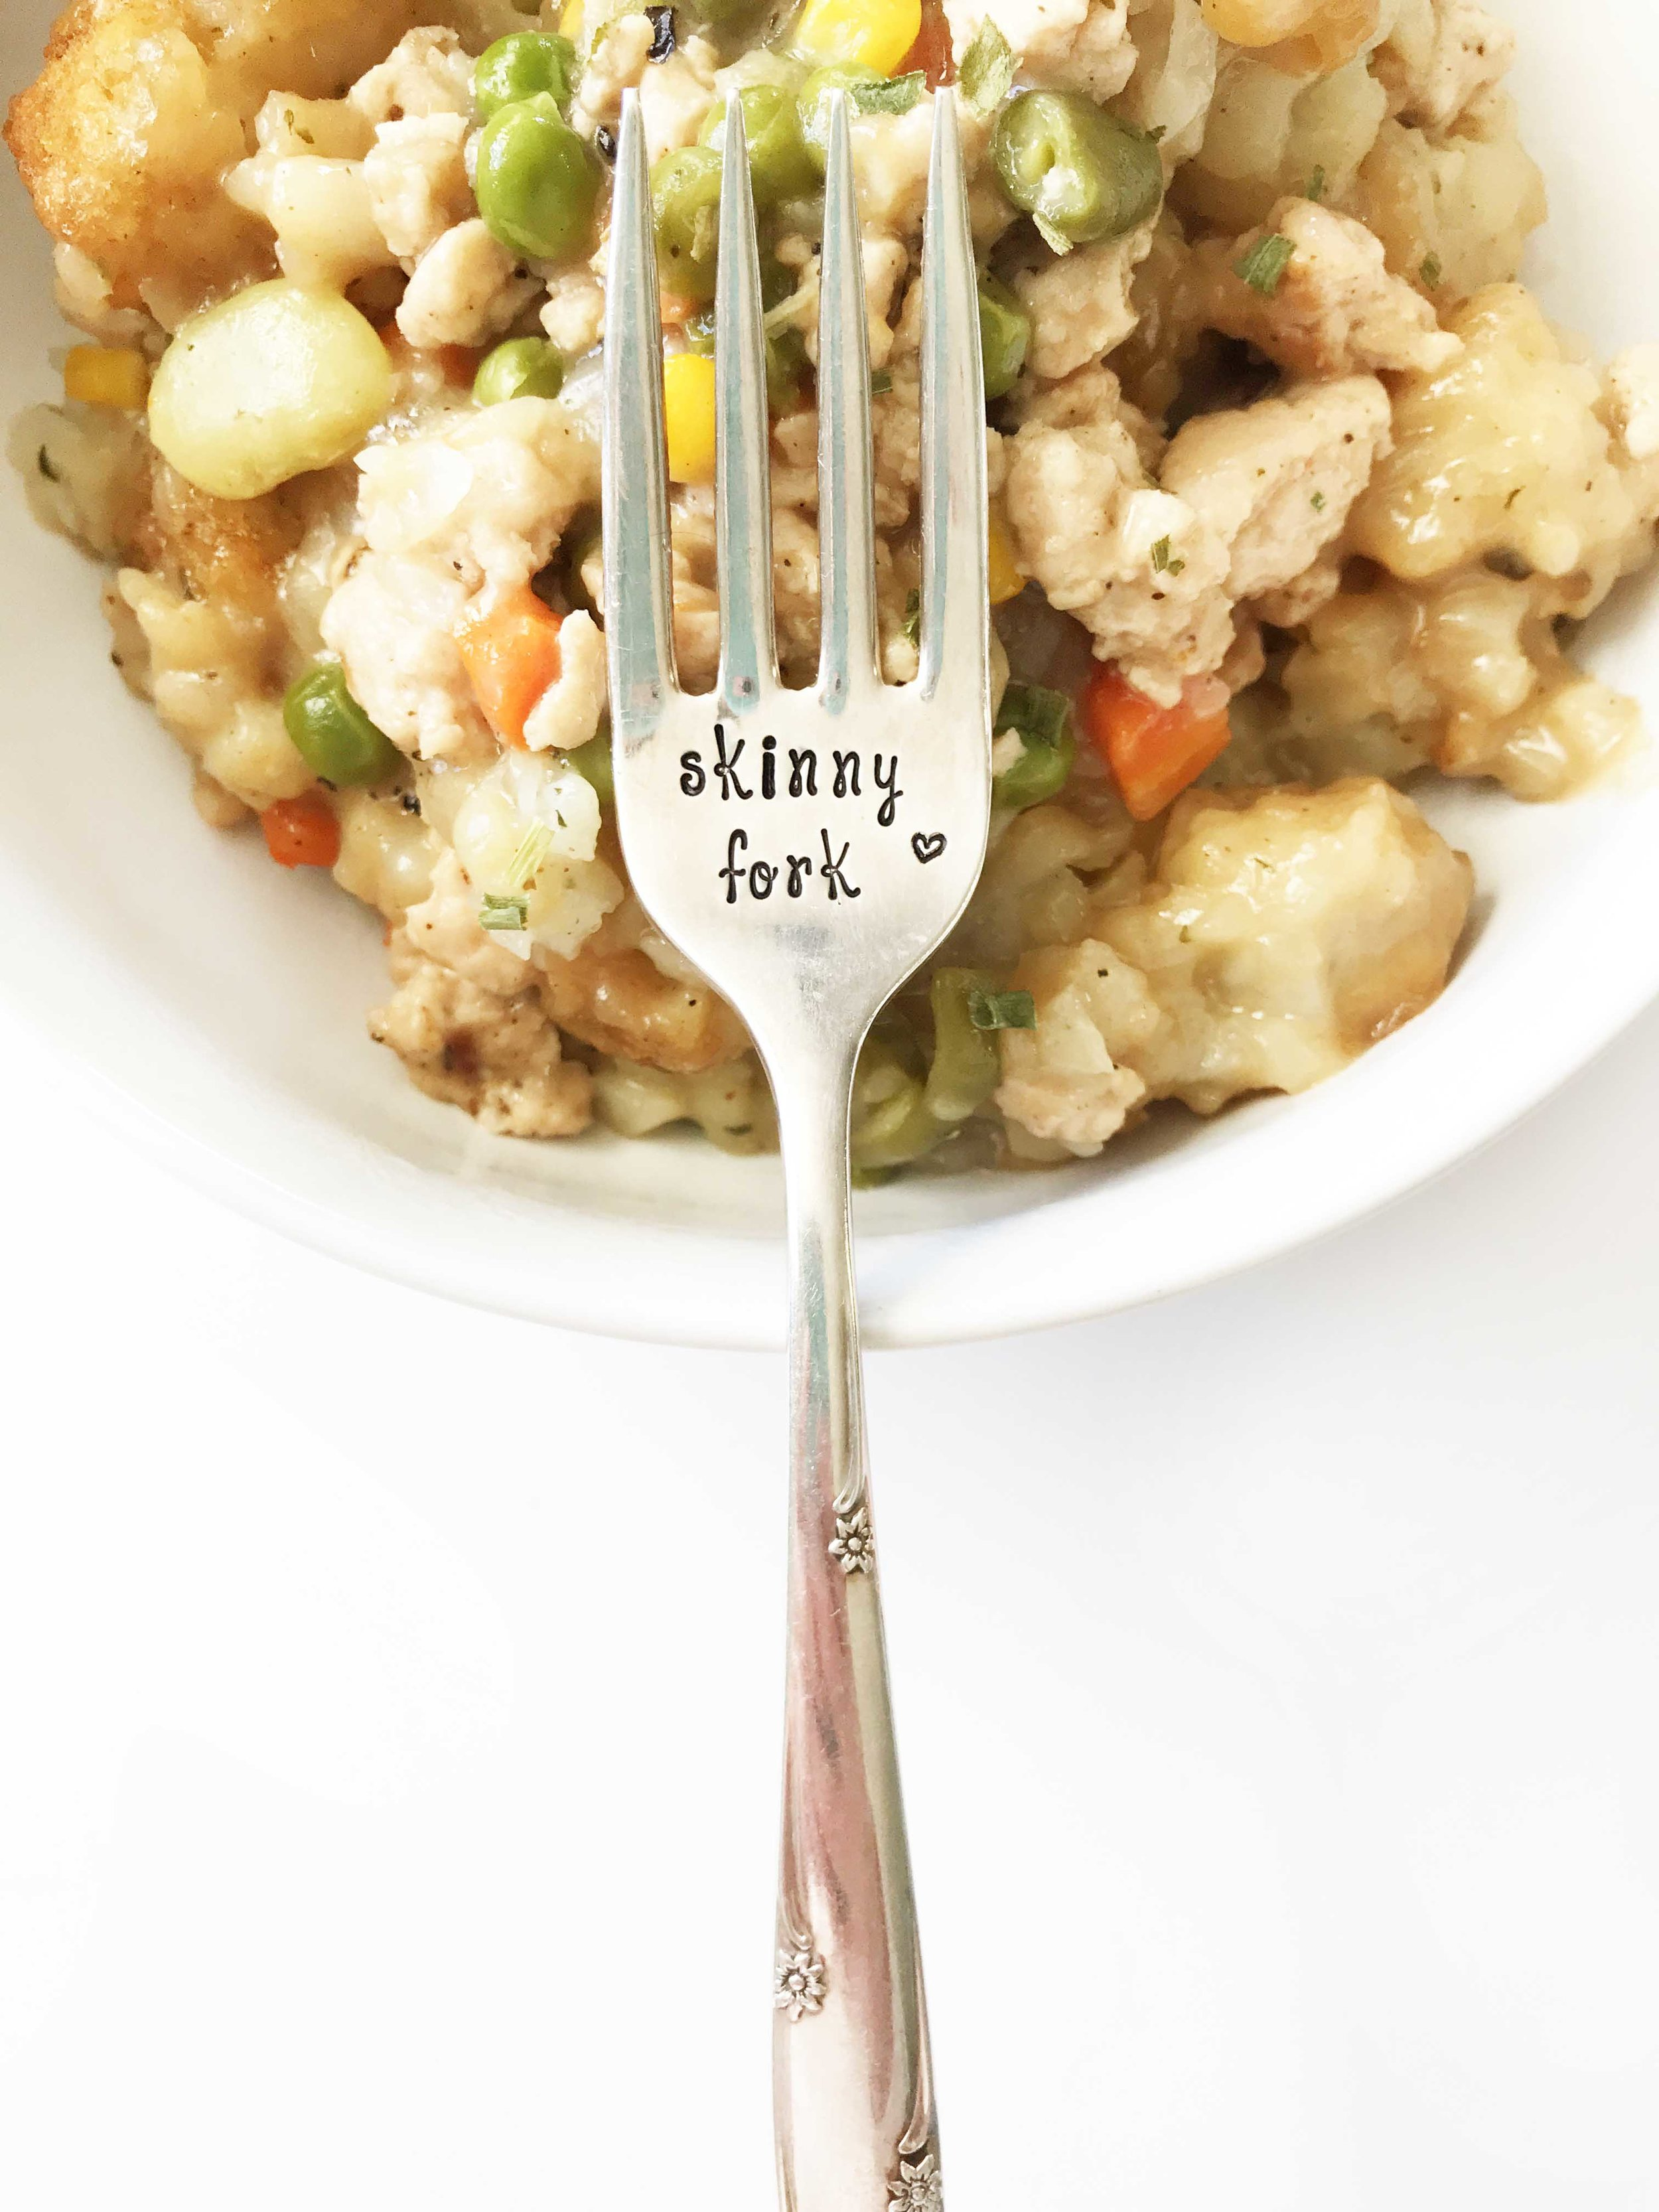 Casser Un Bar De Cuisine healthifed tater tot casserole — the skinny fork